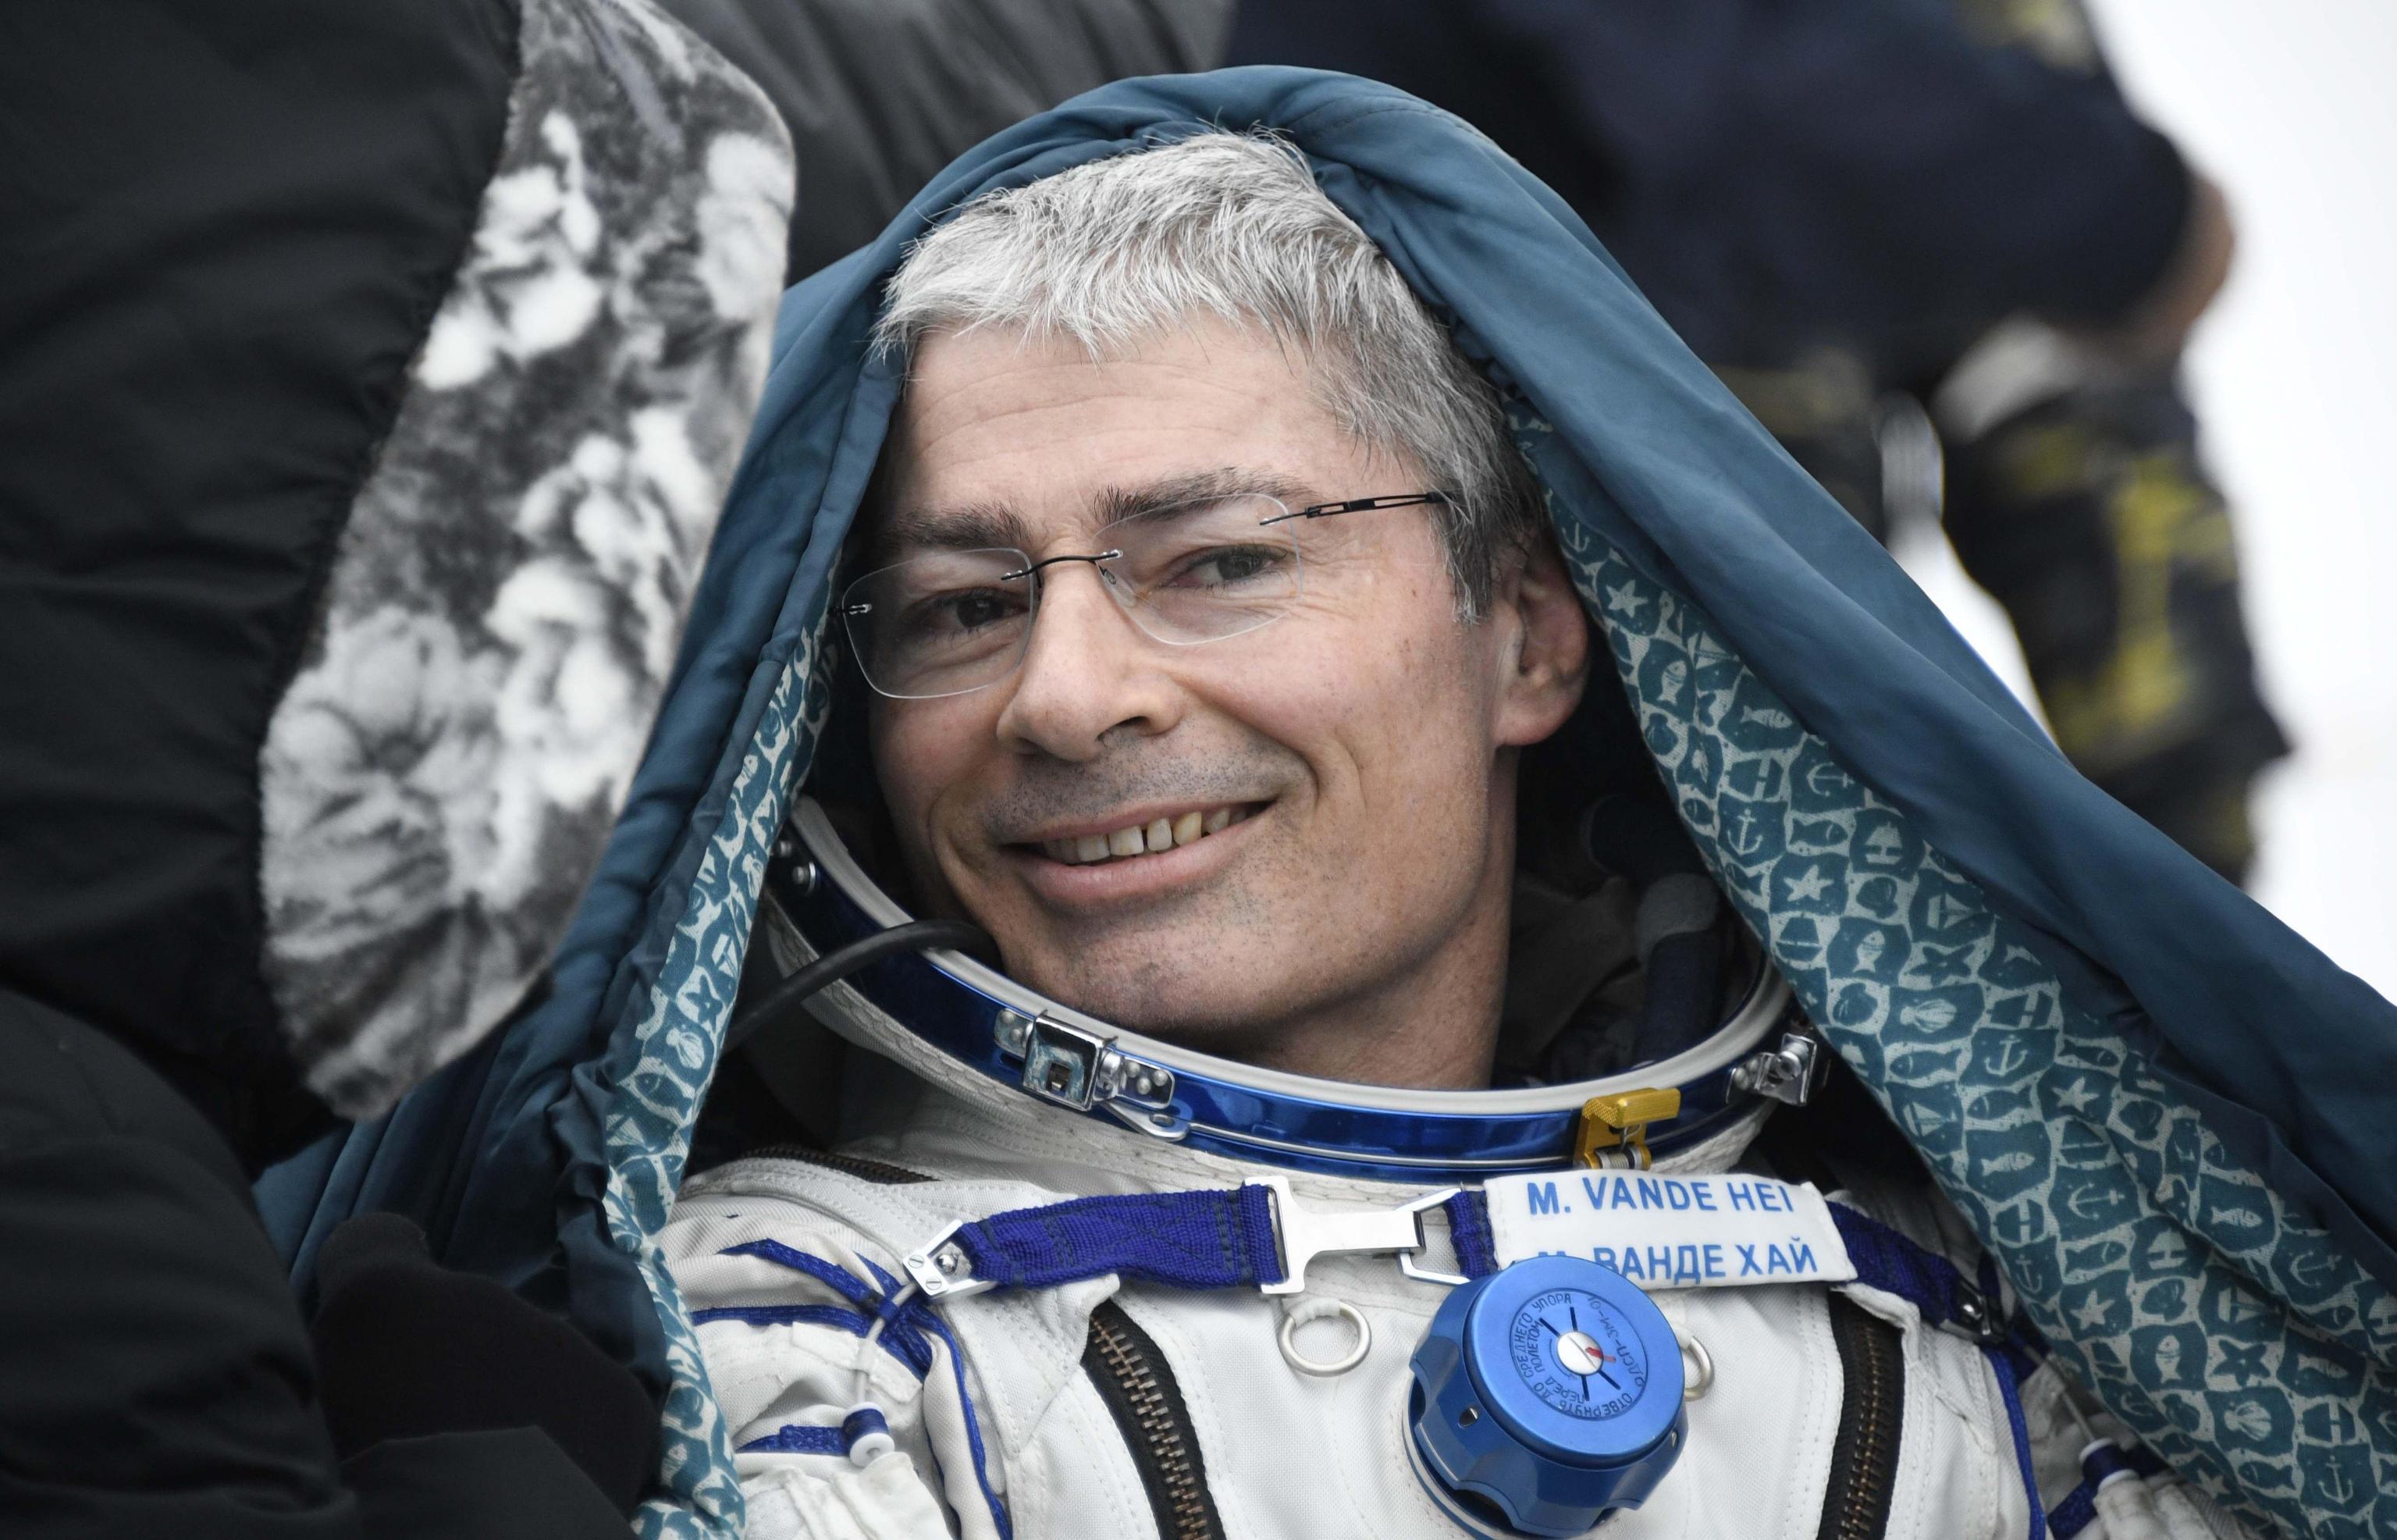 Mark Thomas Vande Hei (Falls Church, 10 novembre 1966) è un astronauta statunitense. Era partito con i colleghi Misurkin e Acaba il 12 settembre 2017